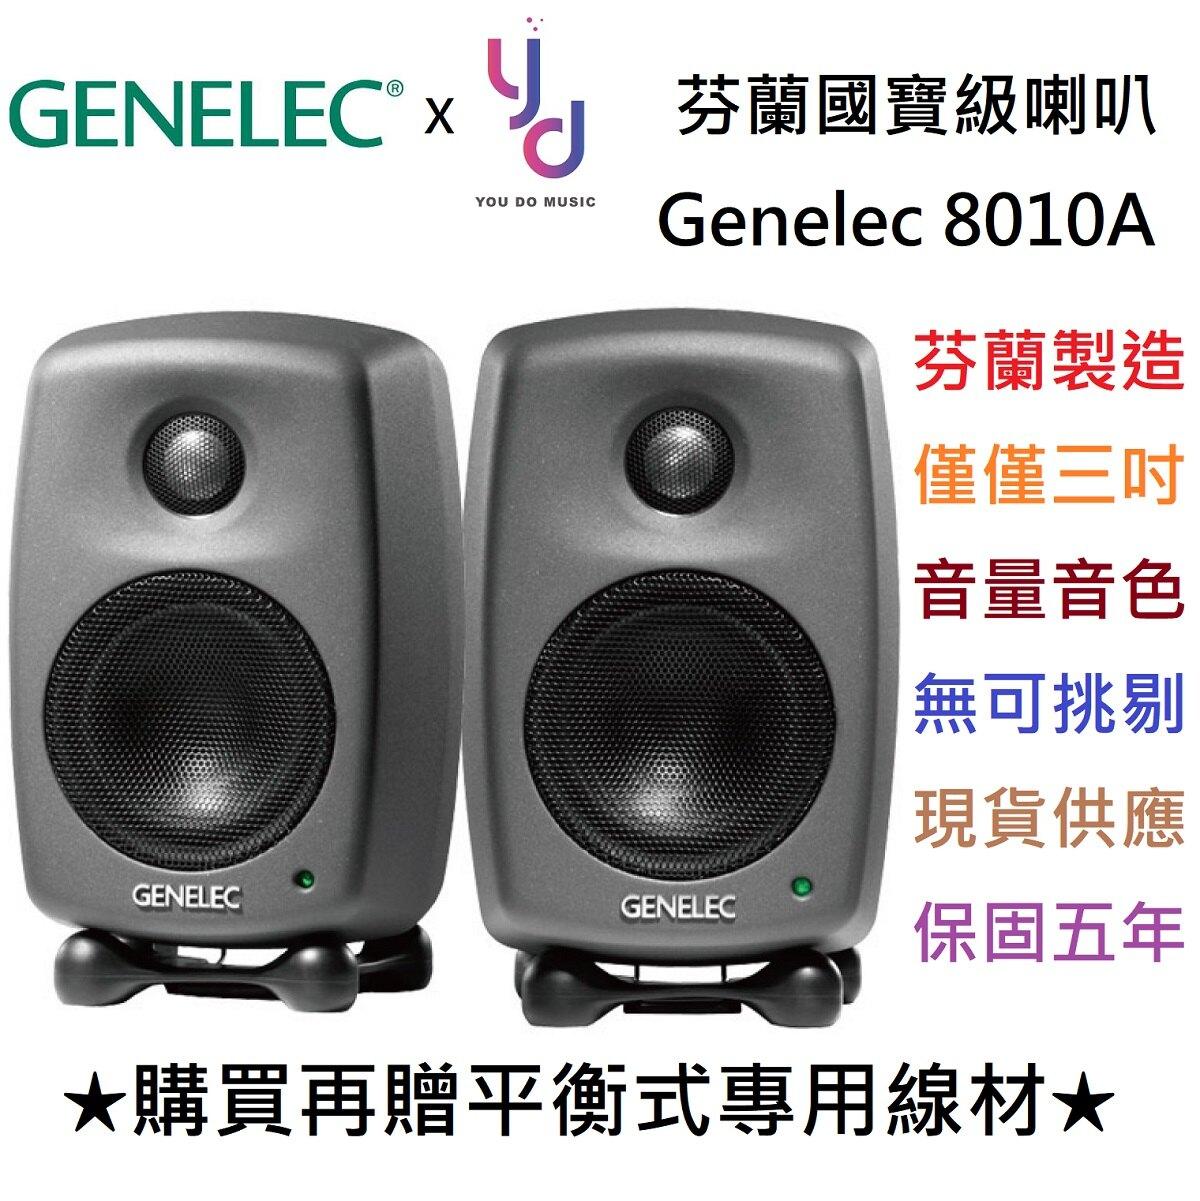 現貨免運 五年保固  贈專用線材 公司貨 Genelec 8010A AP 芬蘭製造 3吋 監聽喇叭 一對 錄音室 宅錄